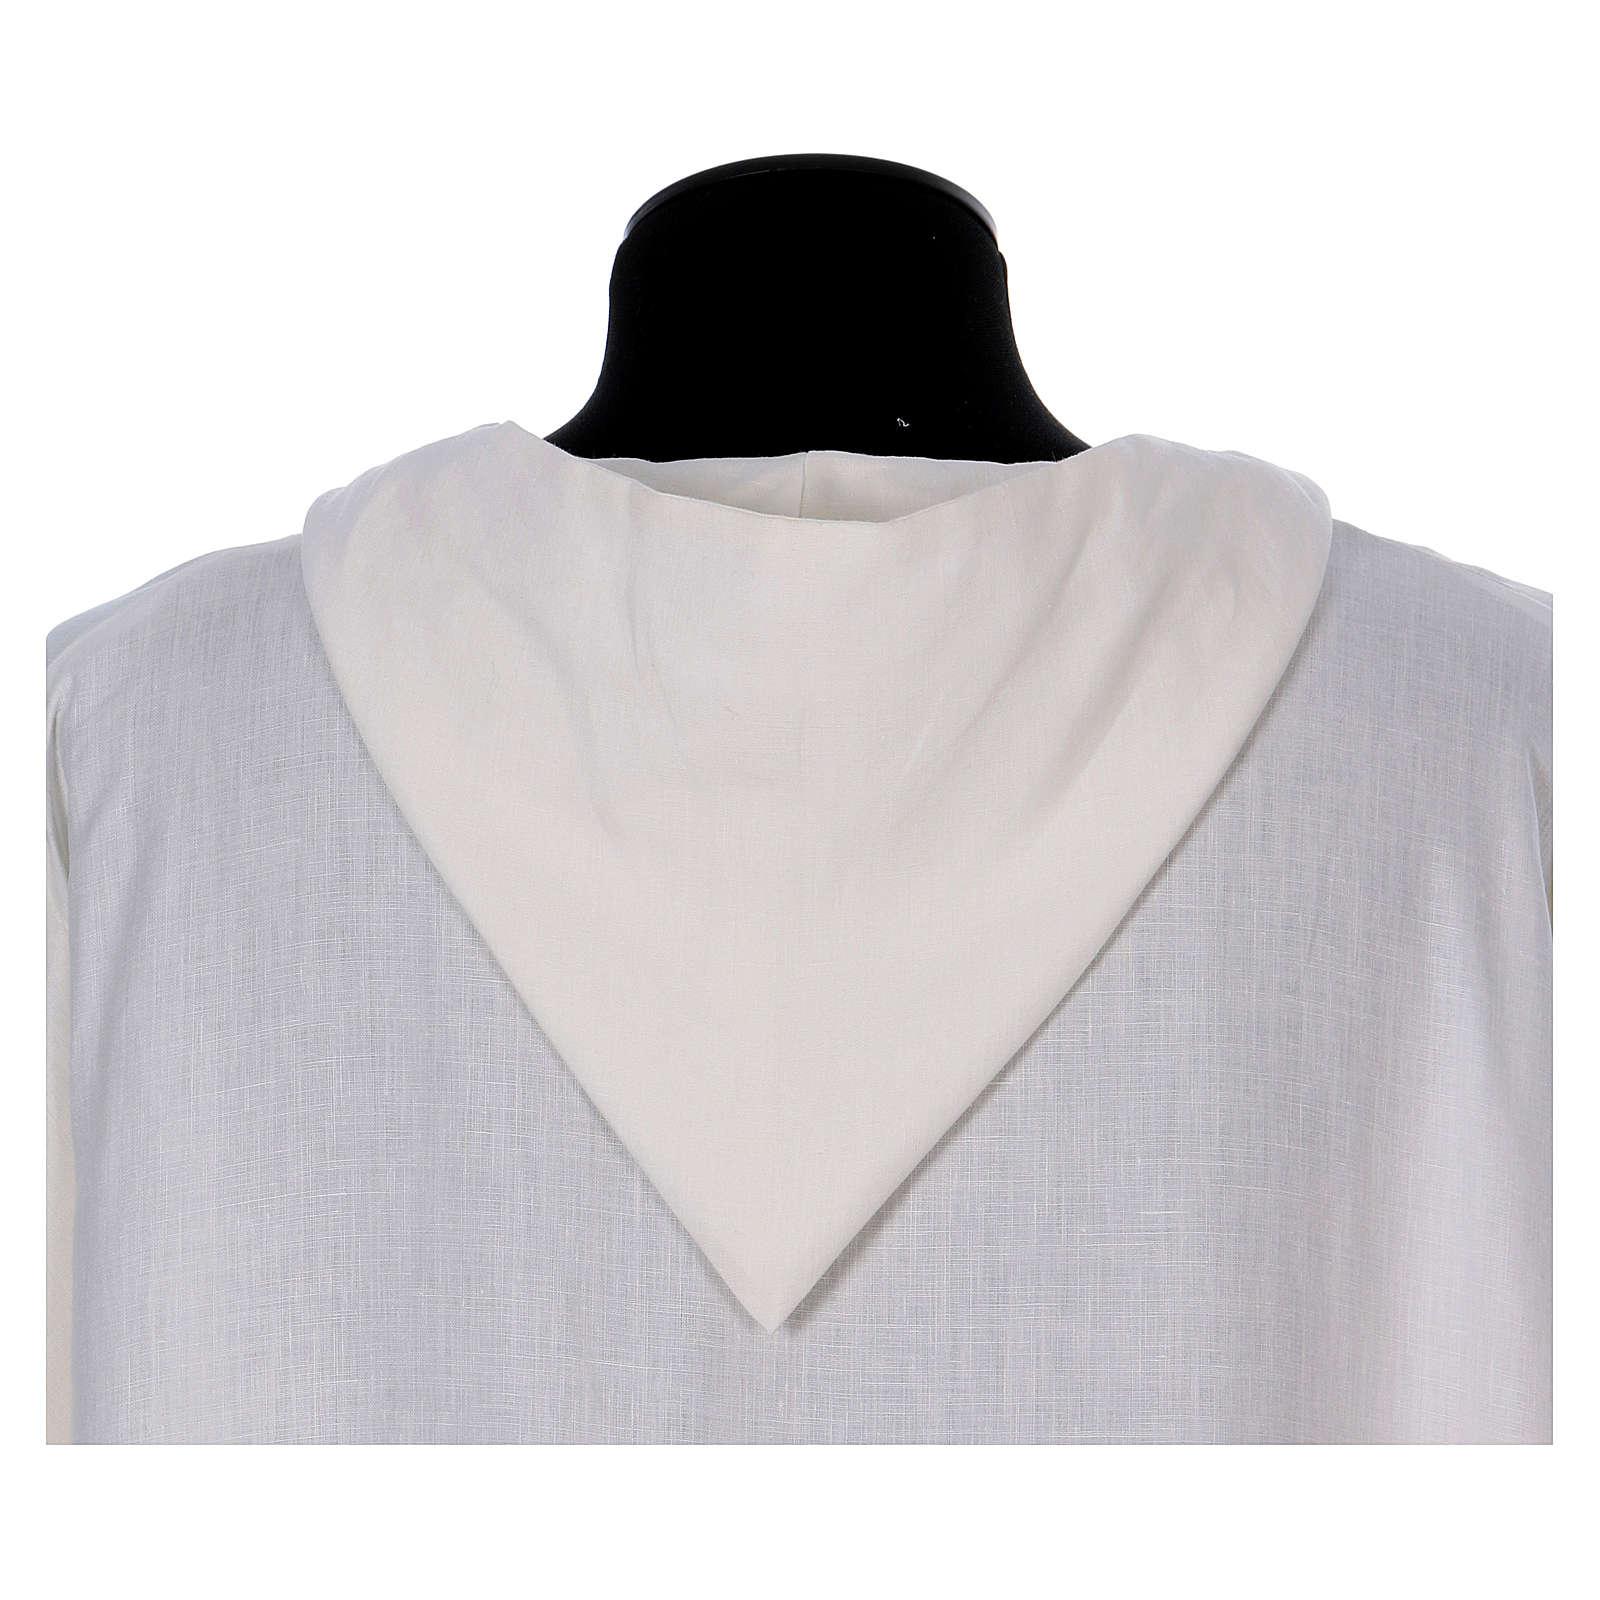 Linen monastic alb 4